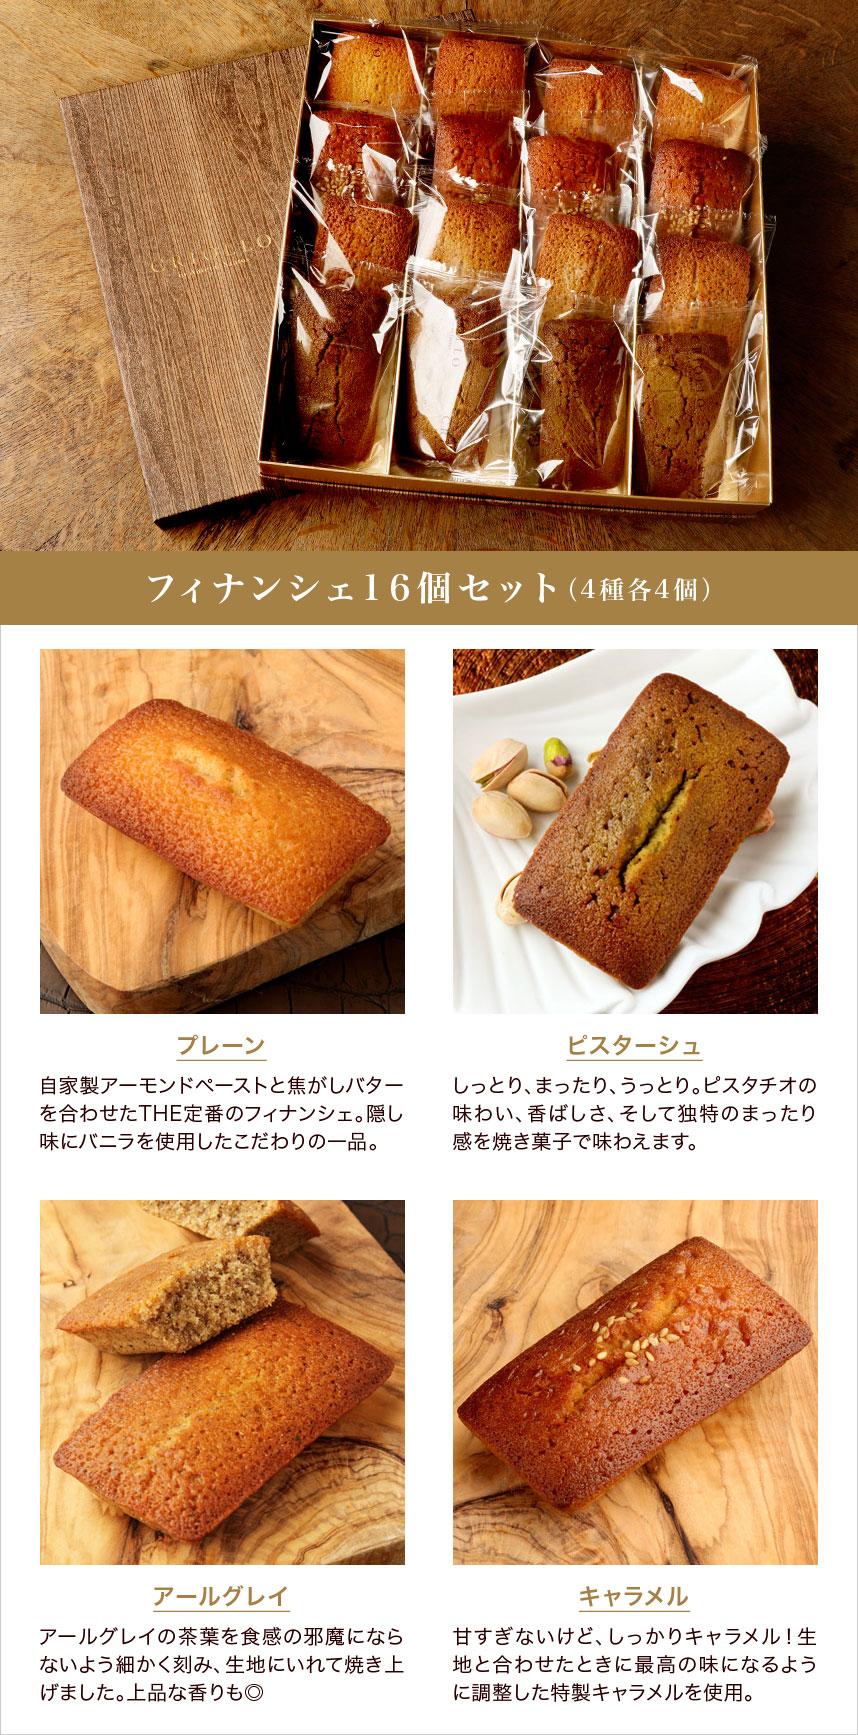 クリオロの焼き菓子